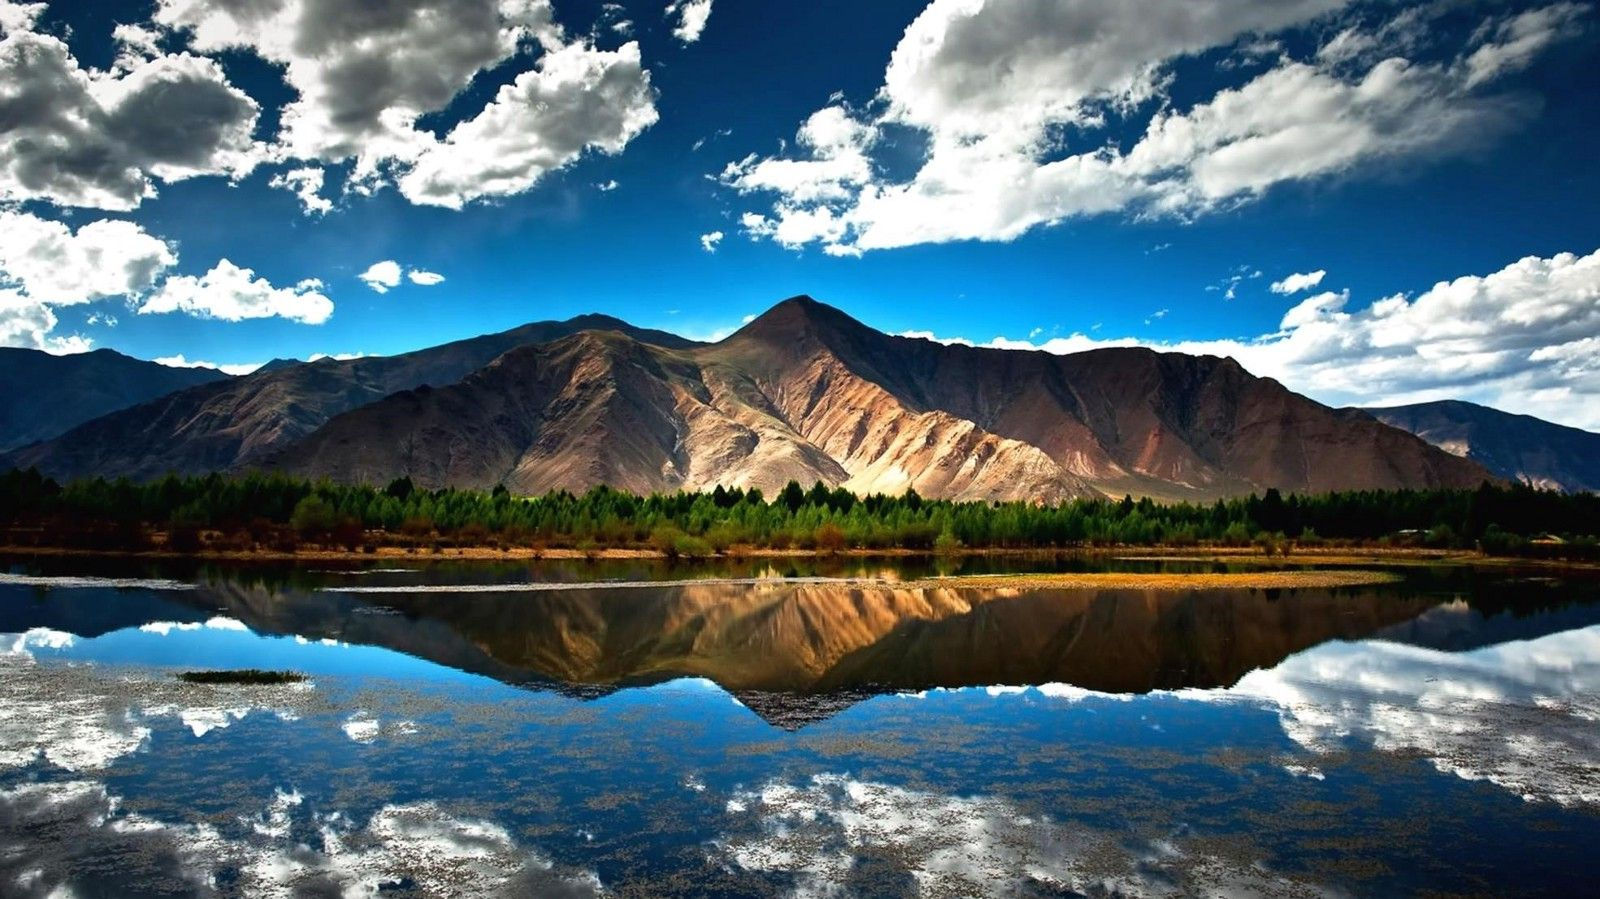 1600x899 Hình nền núi đẹp HD - hình nền - Trung bình